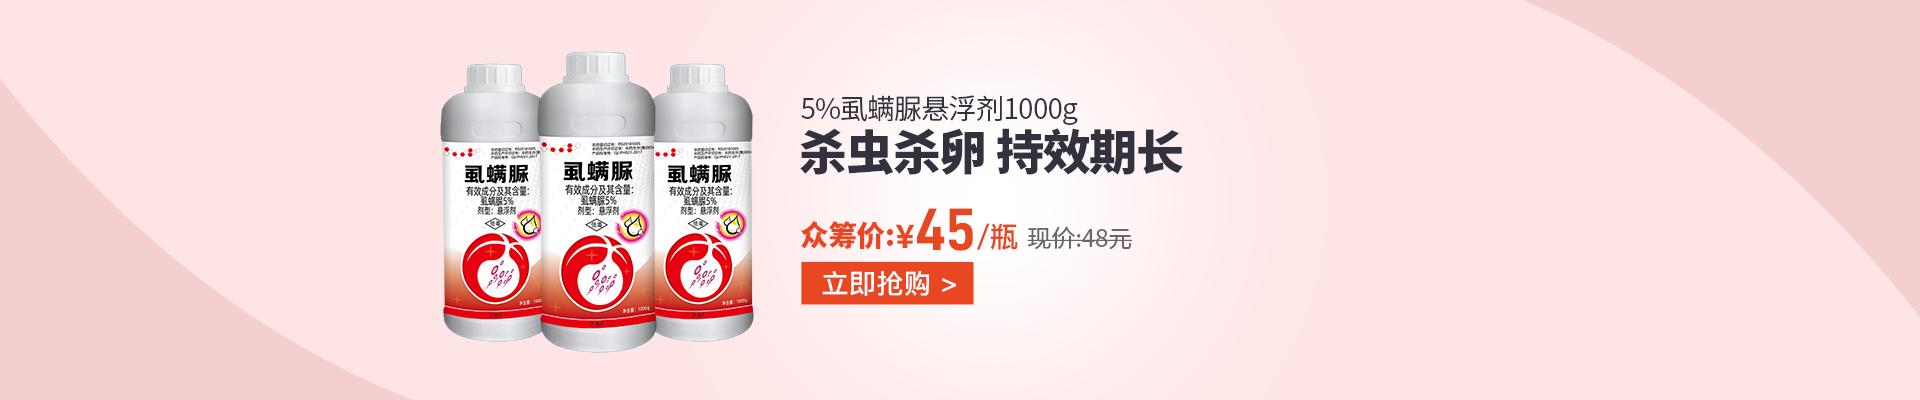 【7月】众筹-【丰创惠选】5%虱螨脲悬浮剂1000g1000g*5瓶